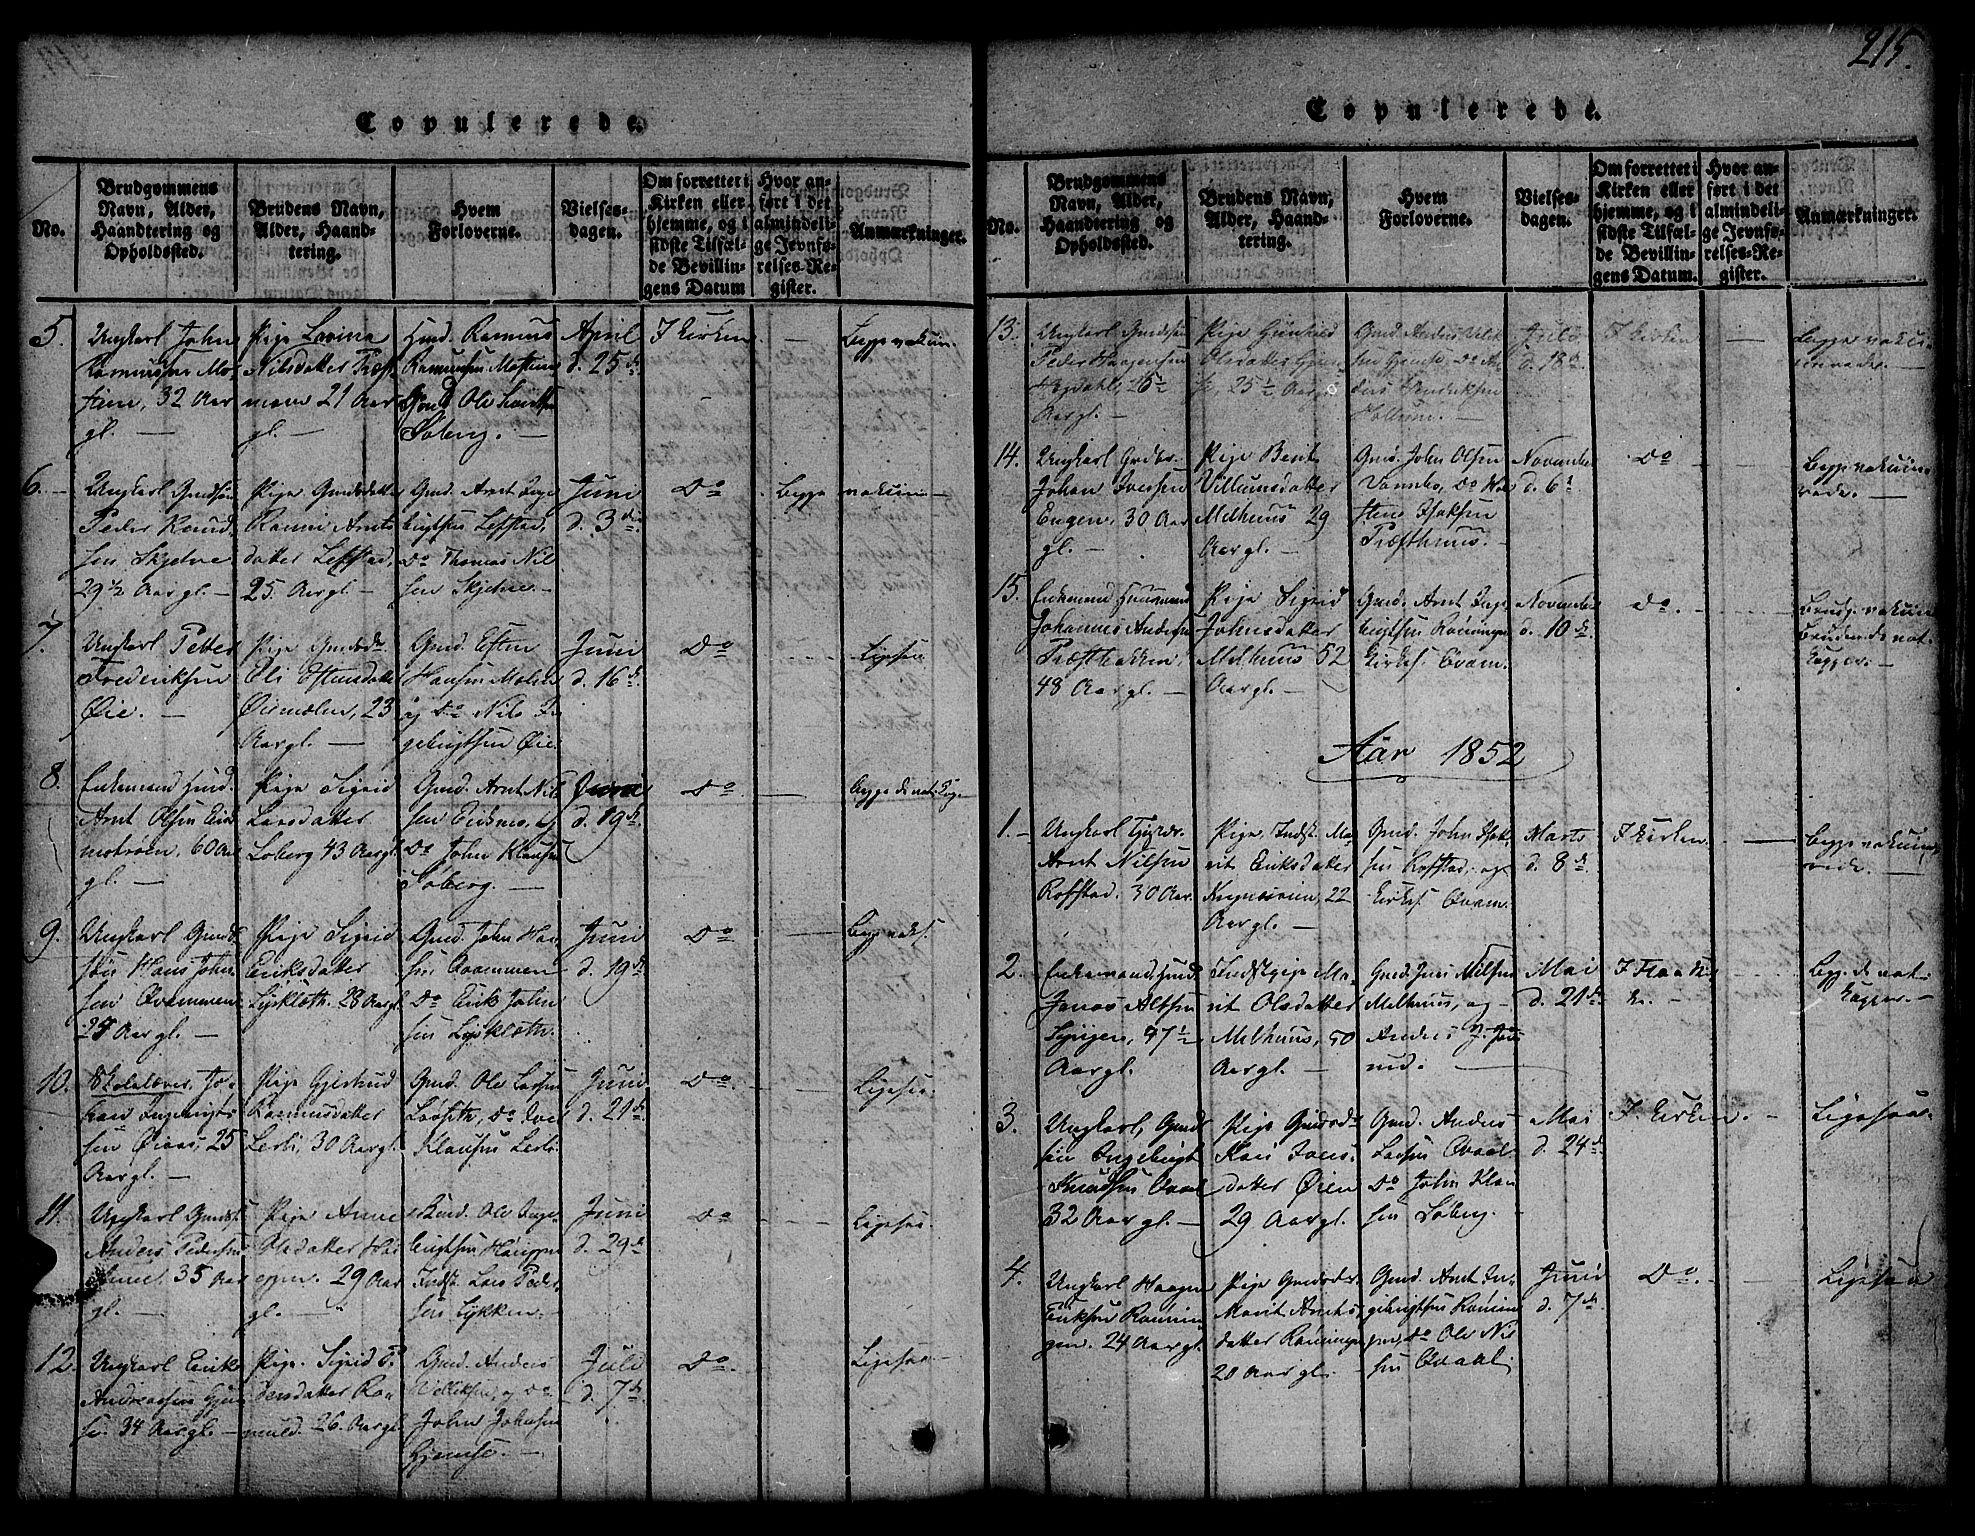 SAT, Ministerialprotokoller, klokkerbøker og fødselsregistre - Sør-Trøndelag, 691/L1092: Klokkerbok nr. 691C03, 1816-1852, s. 215